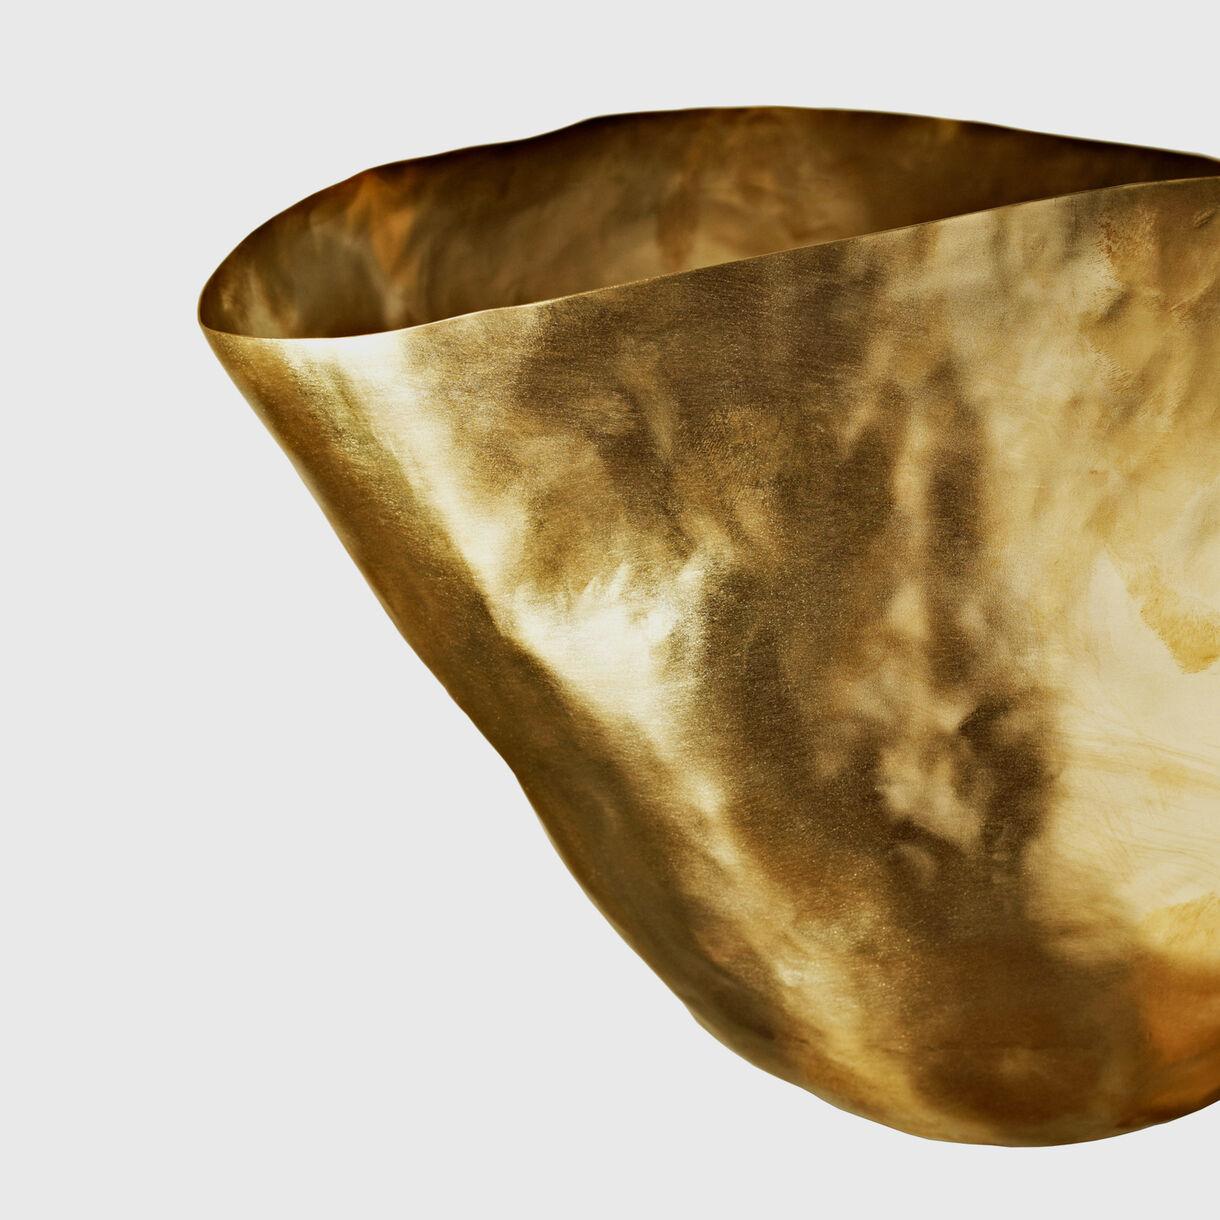 Bash Vessel Large Detailing in Brass